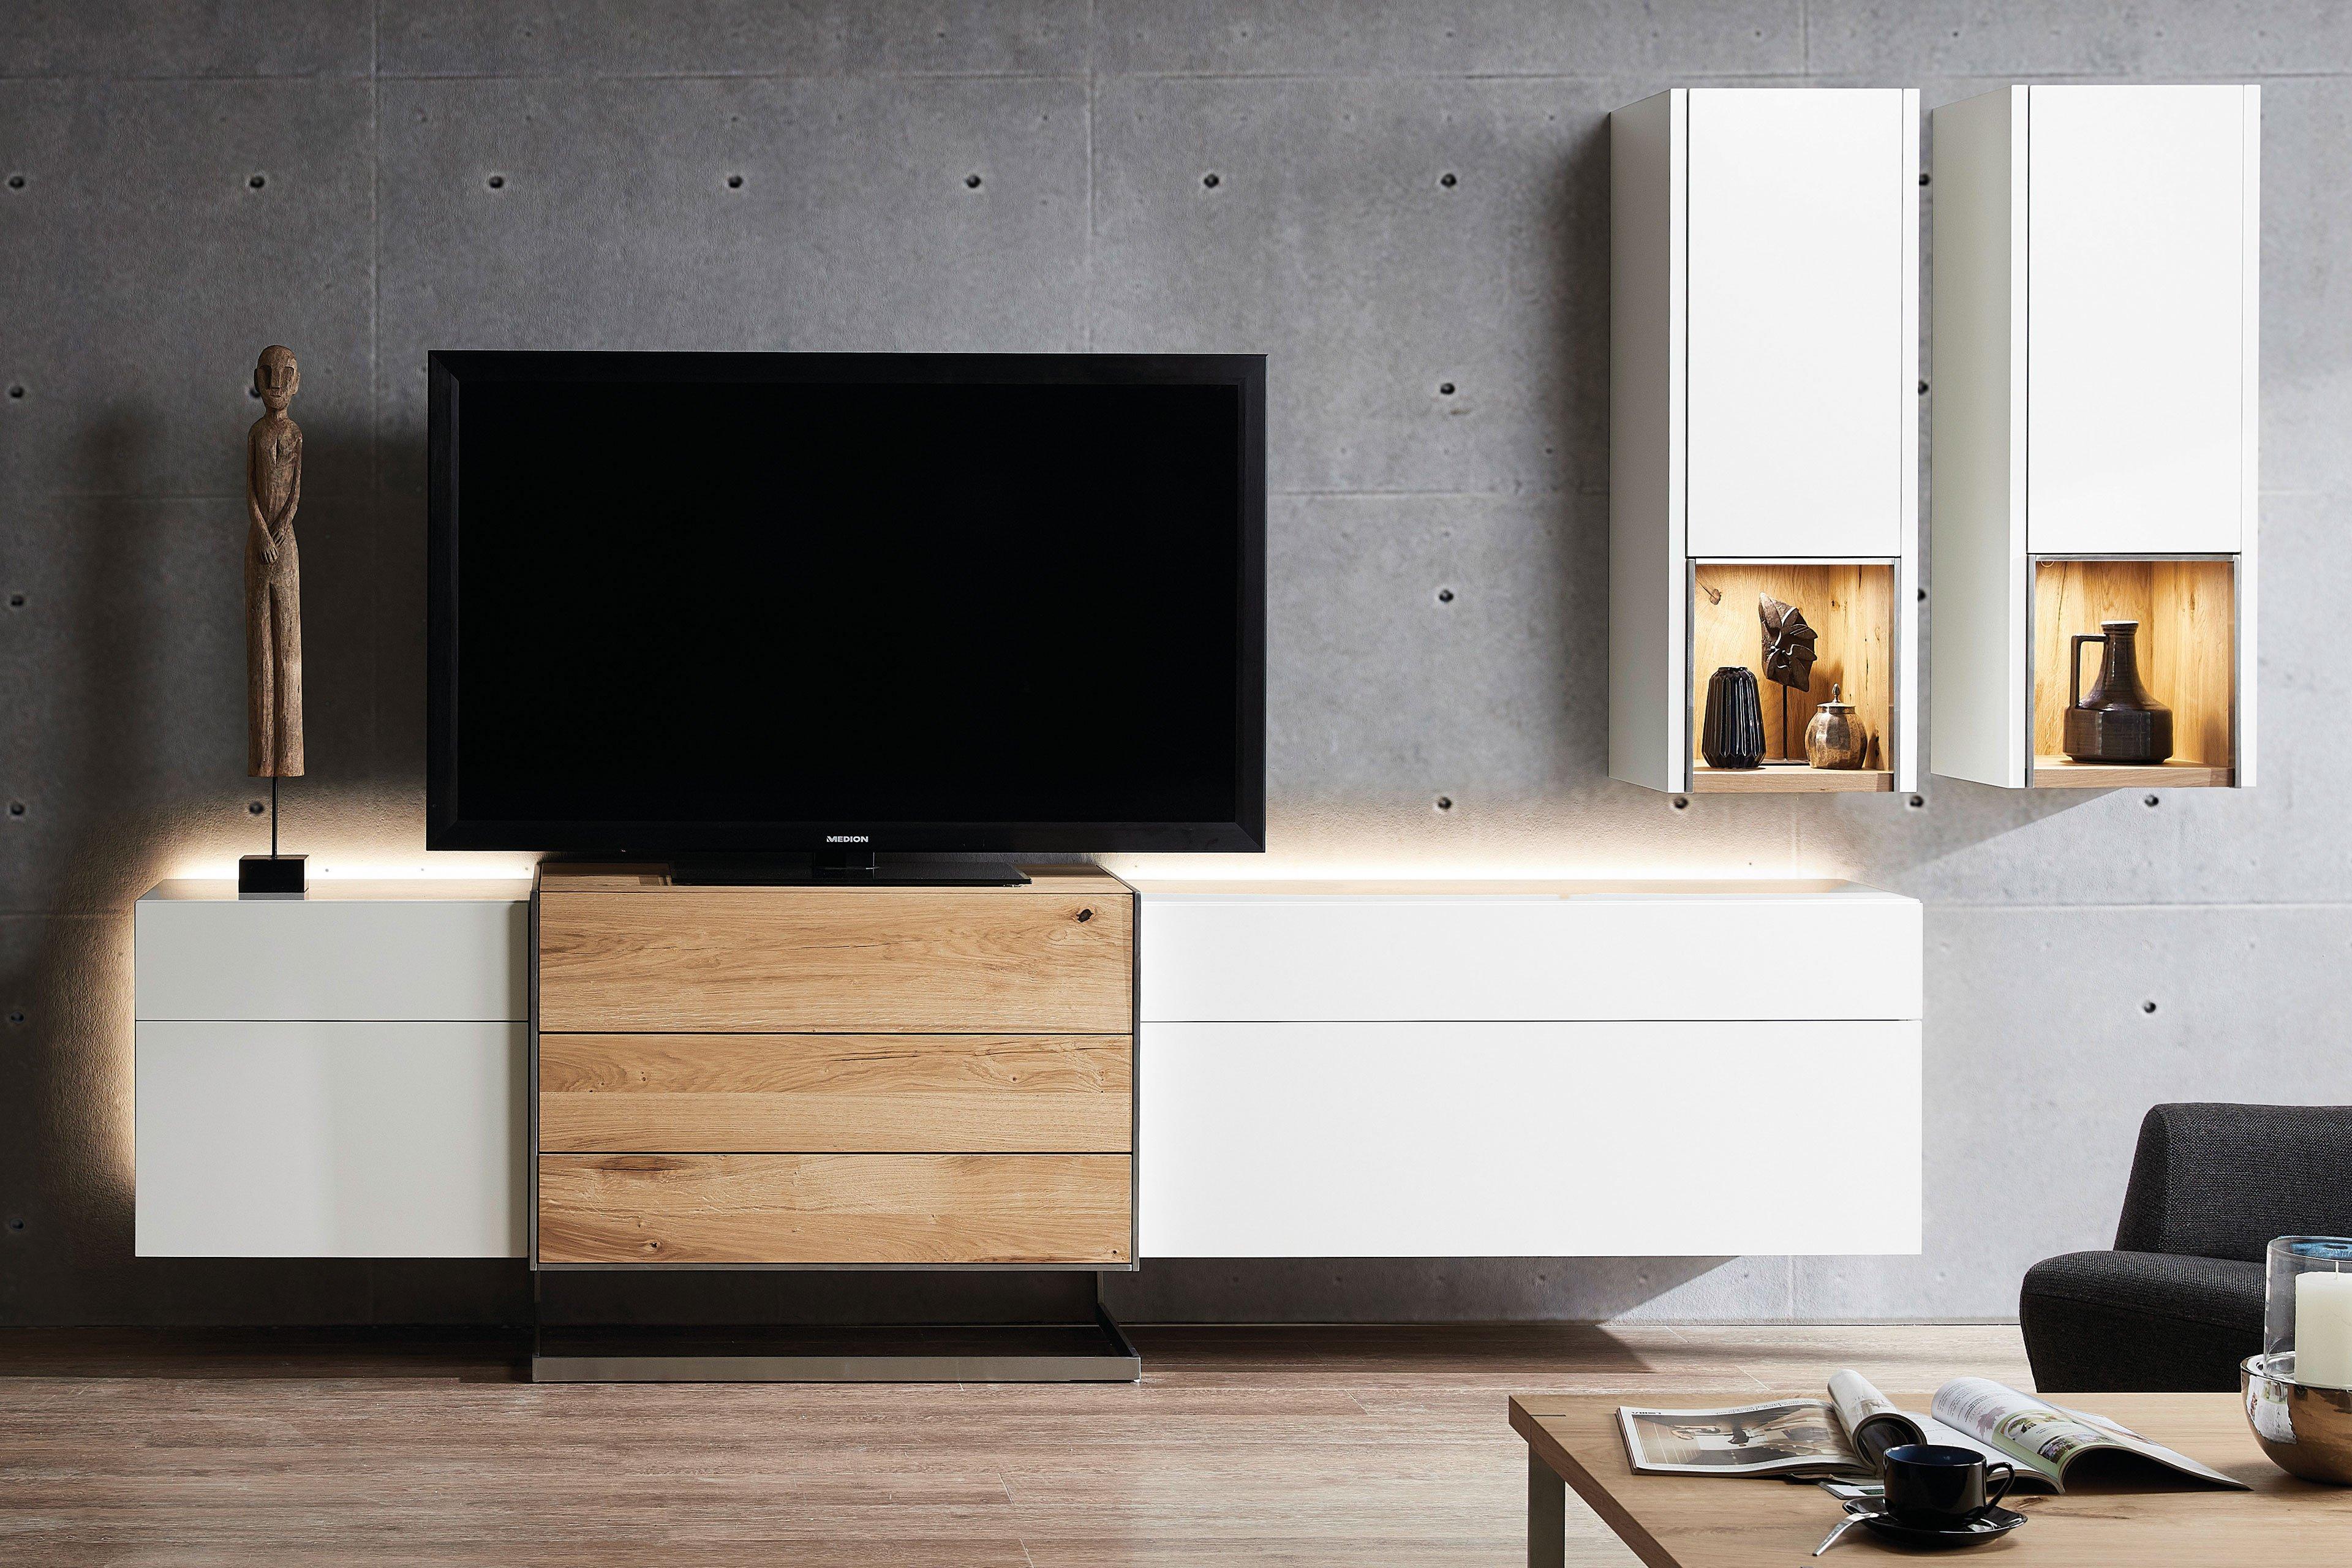 die hausmarke media design - wohnwand mdk14 weiß/ wildeiche hell